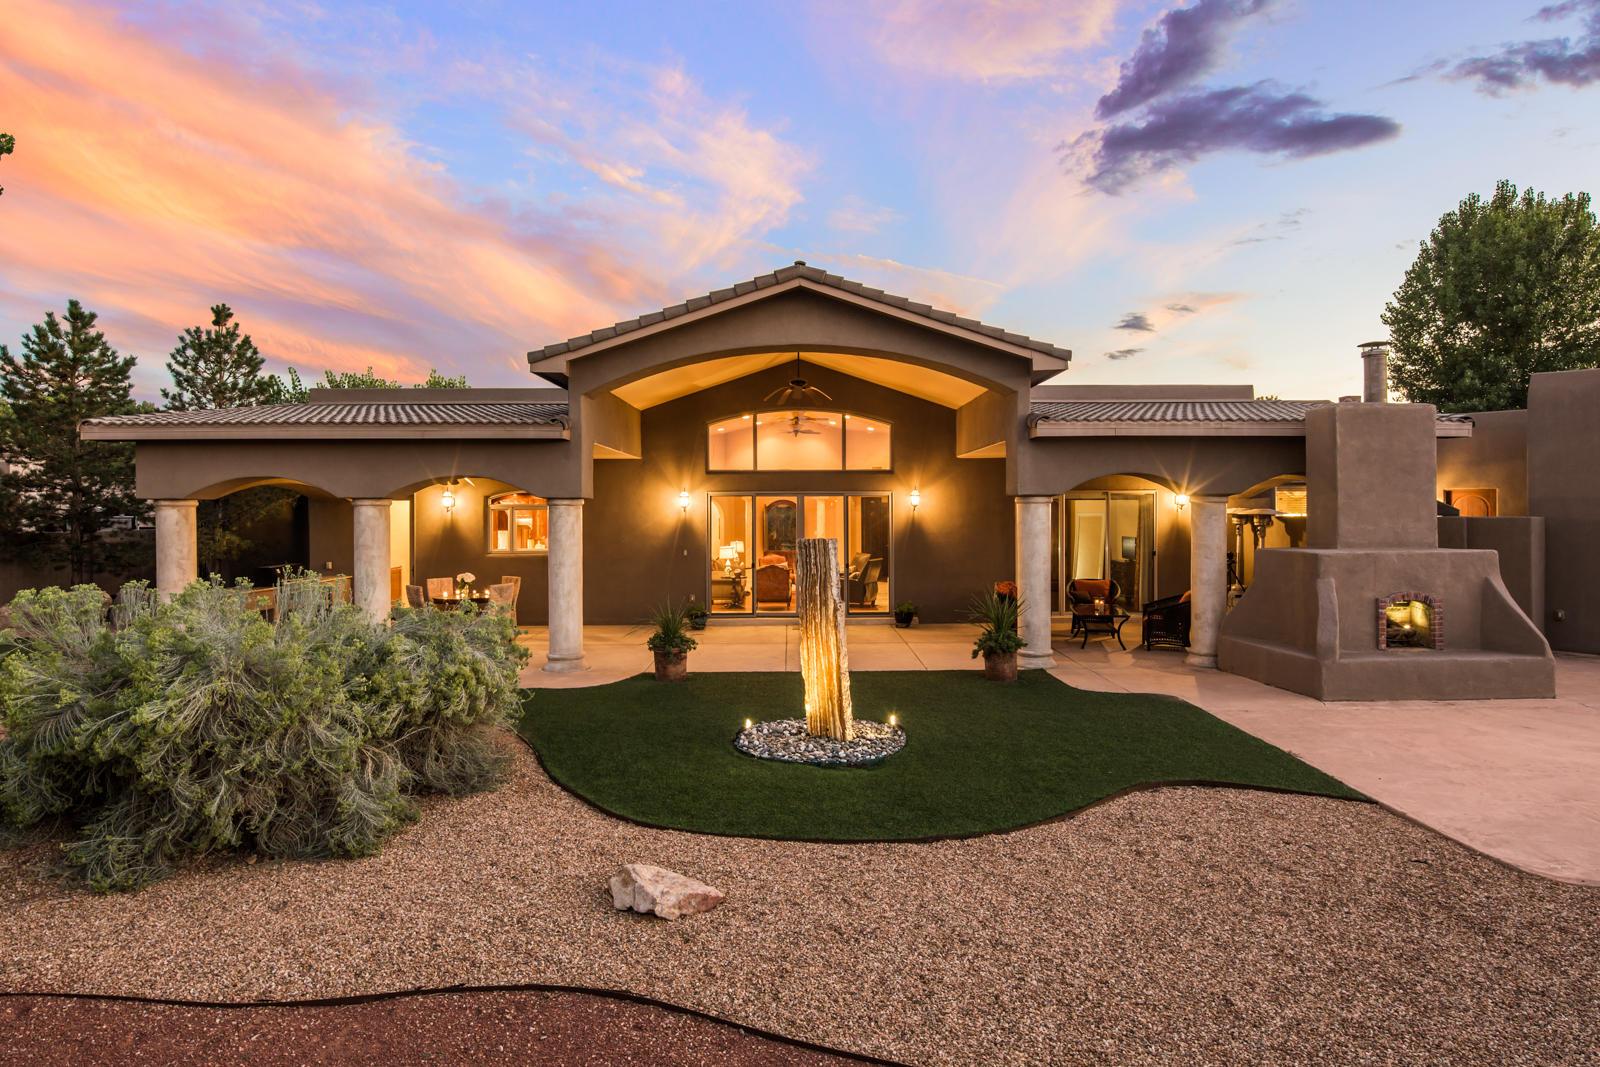 306 PLAZA CONSUELO, Bernalillo, NM 87004 - Bernalillo, NM real estate listing